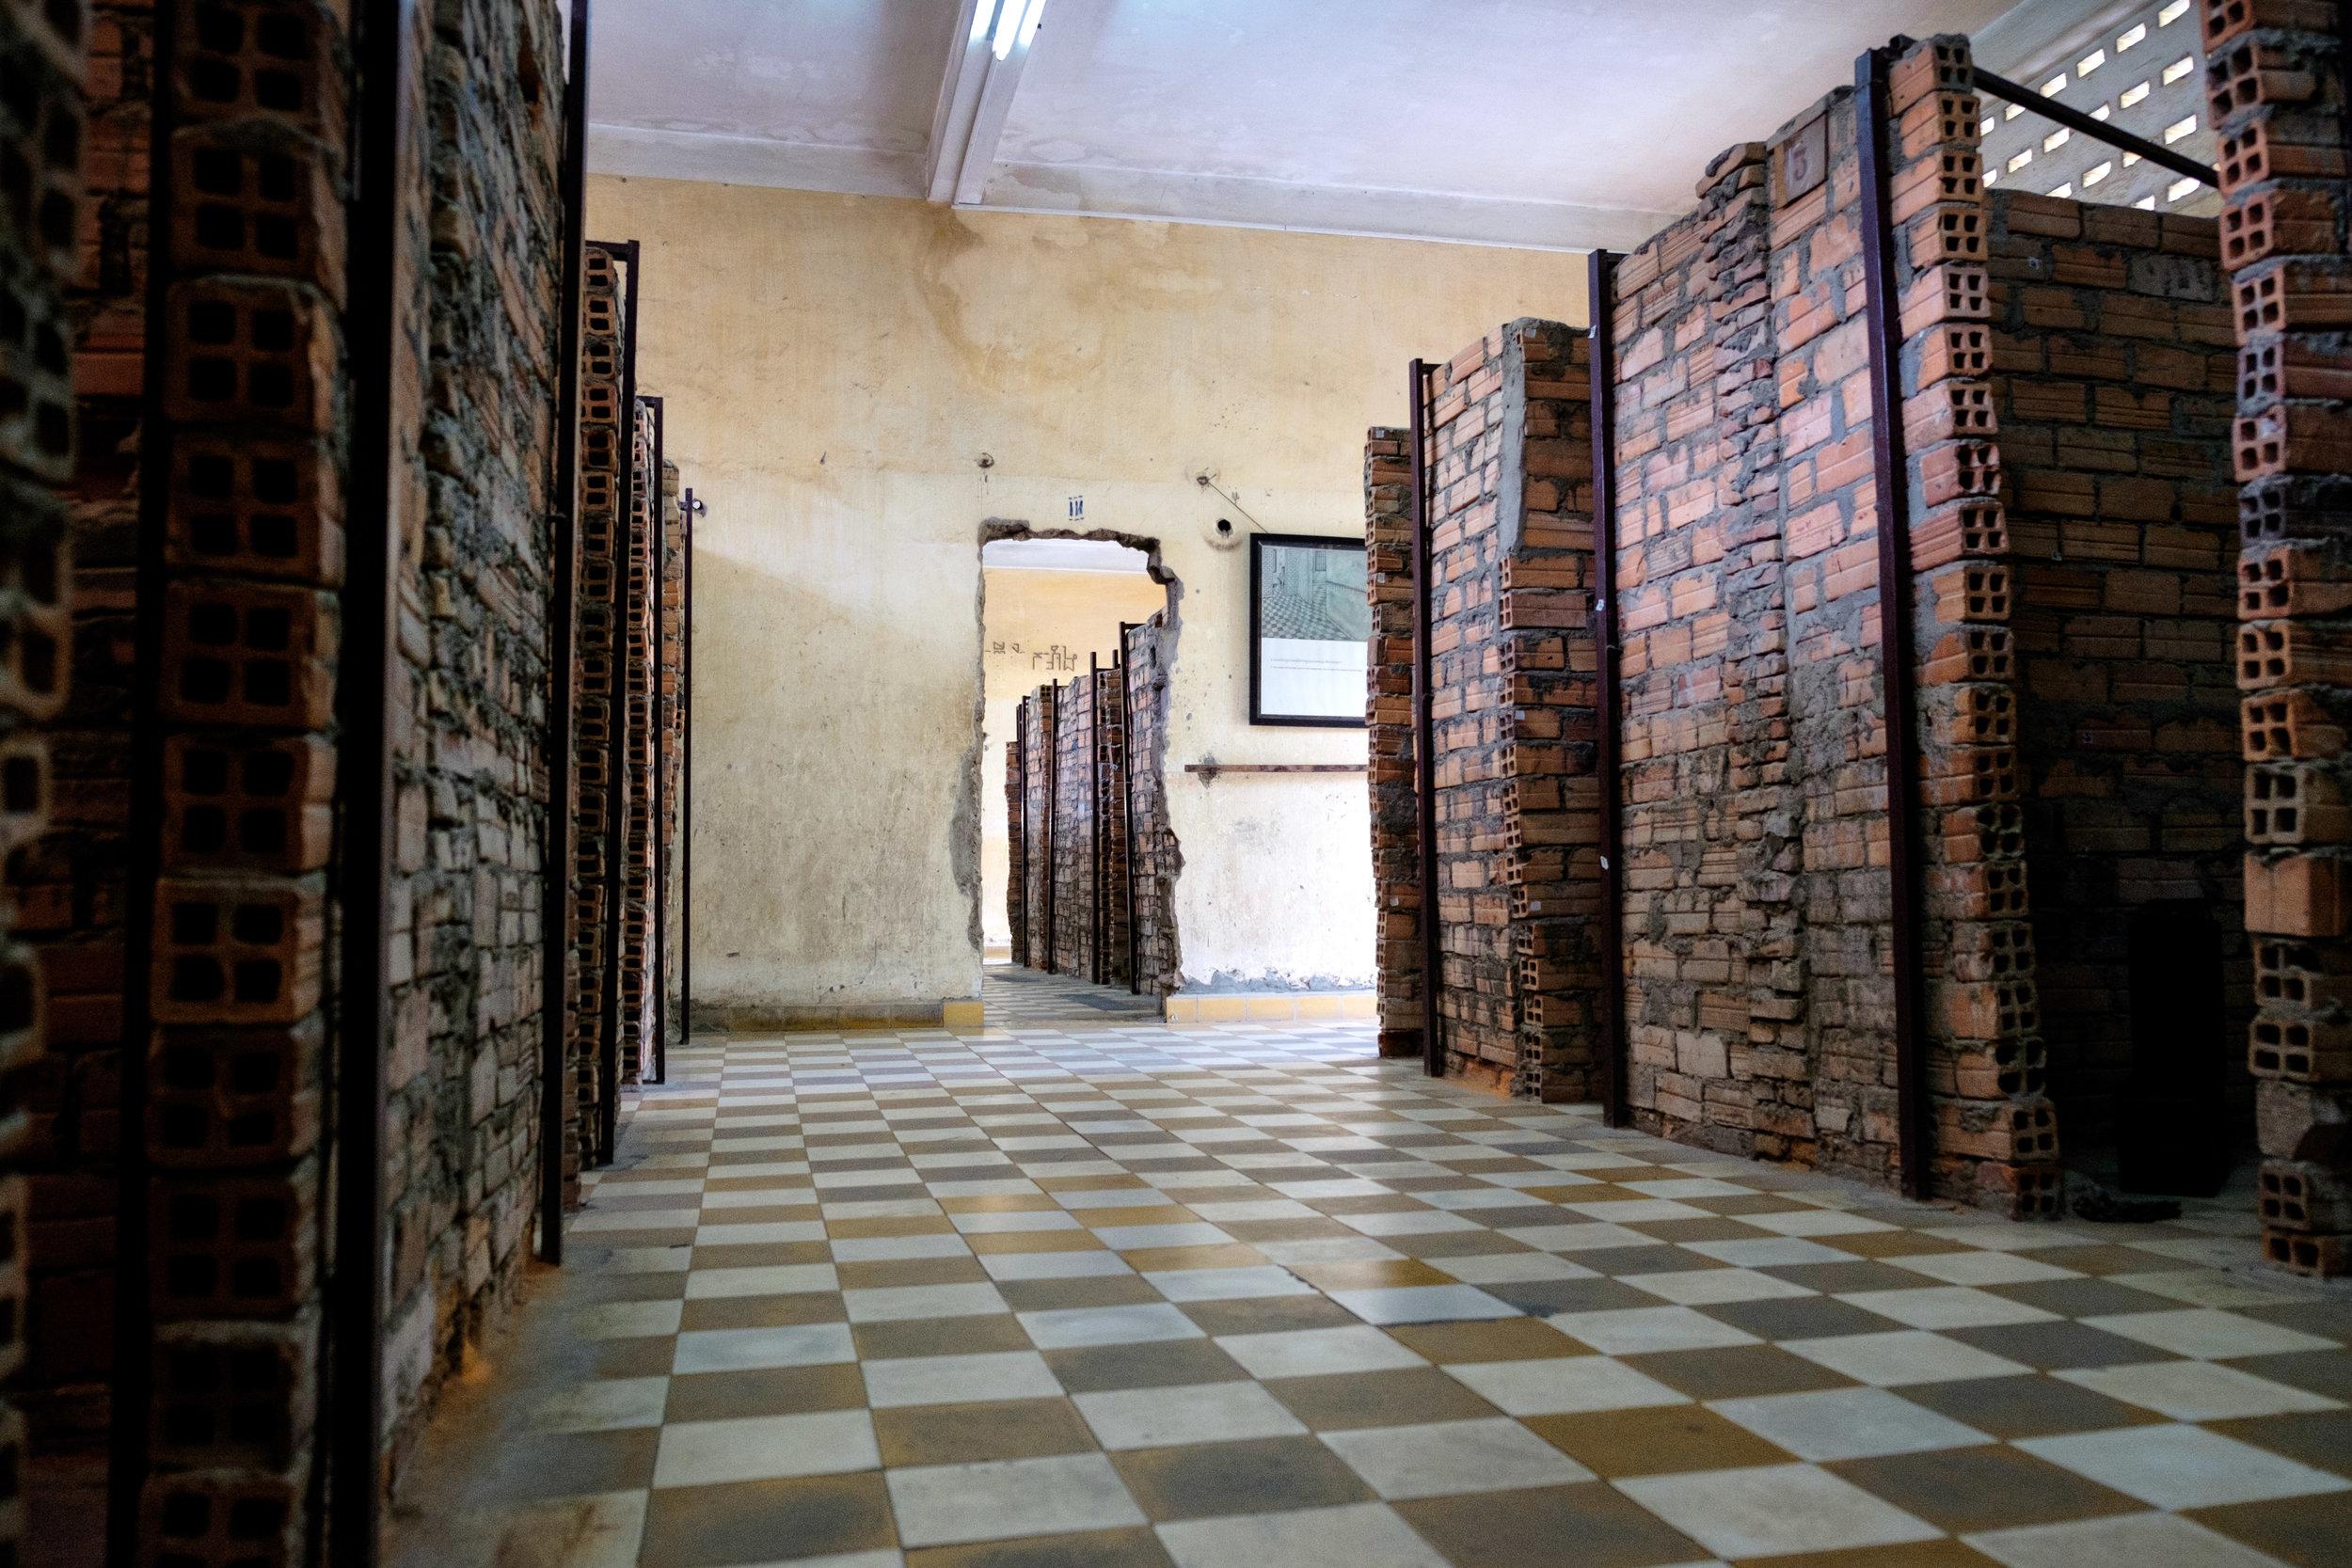 À l'intérieur des salles de cours, des murs en briques ont été bâtis pour séparer les cellules.